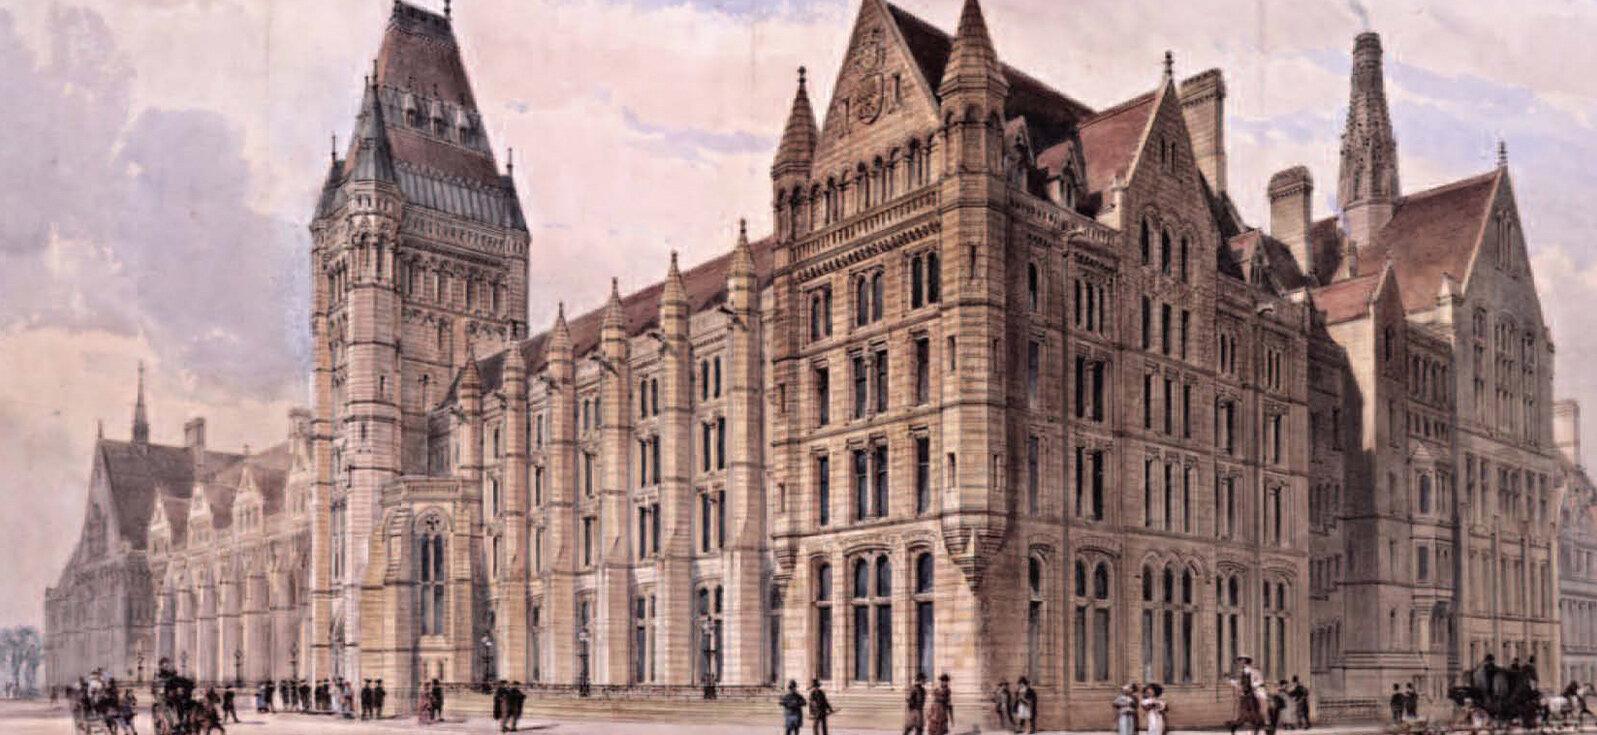 Музей Манчестера першим у Сполученому Королівстві Британії повернув об'єкти корінним австралійцям